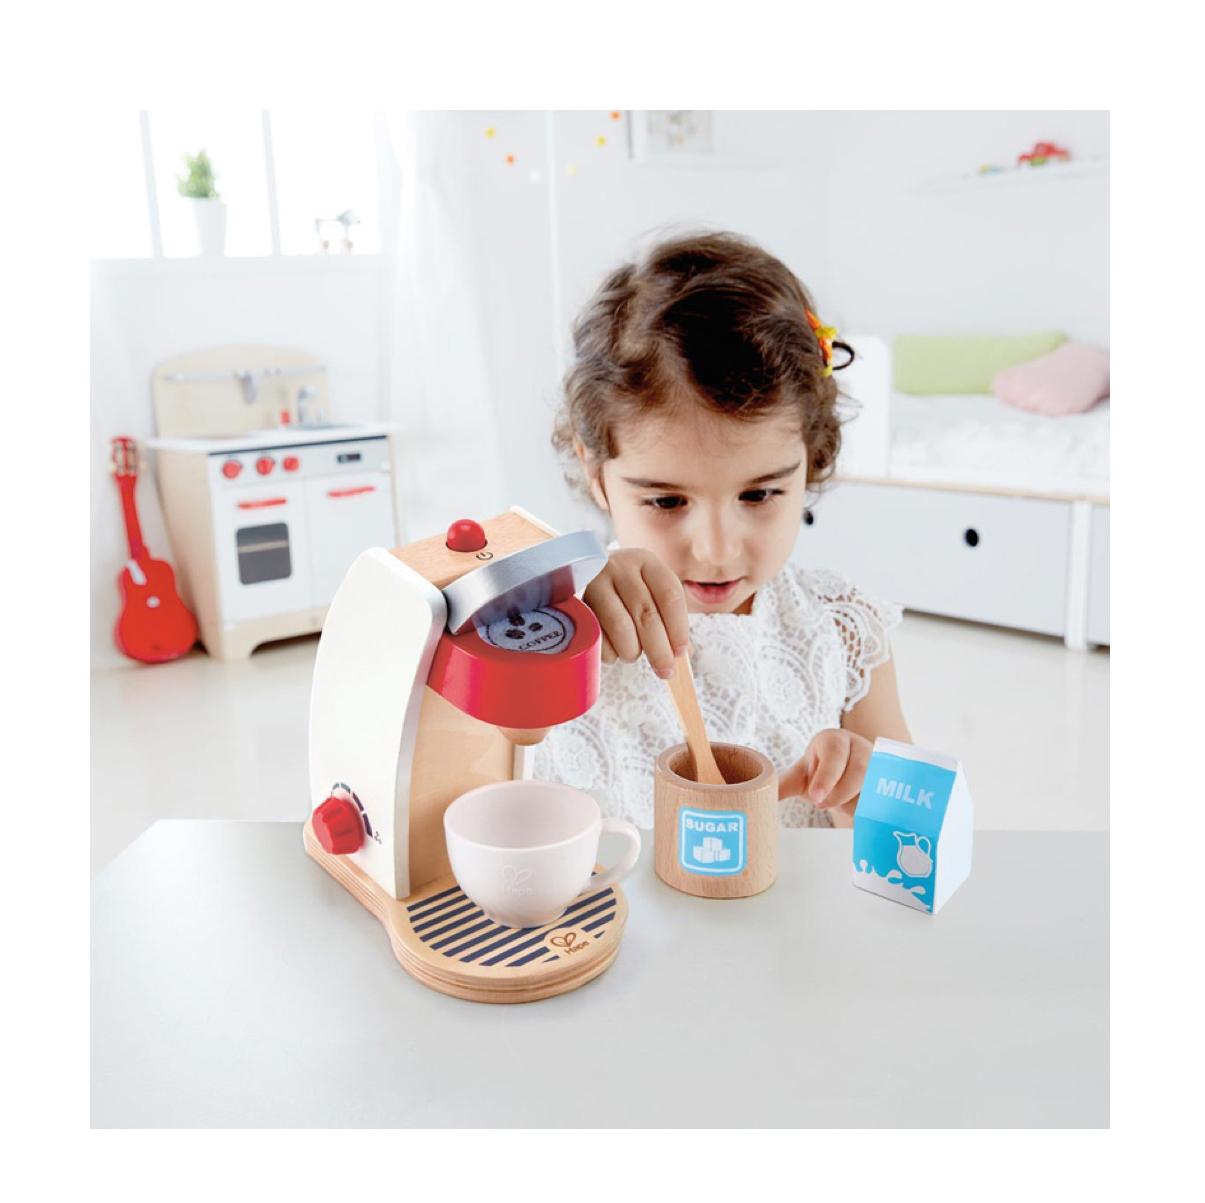 set-cafetera-para-cocinita-hape-en-el-mundo-de-mico